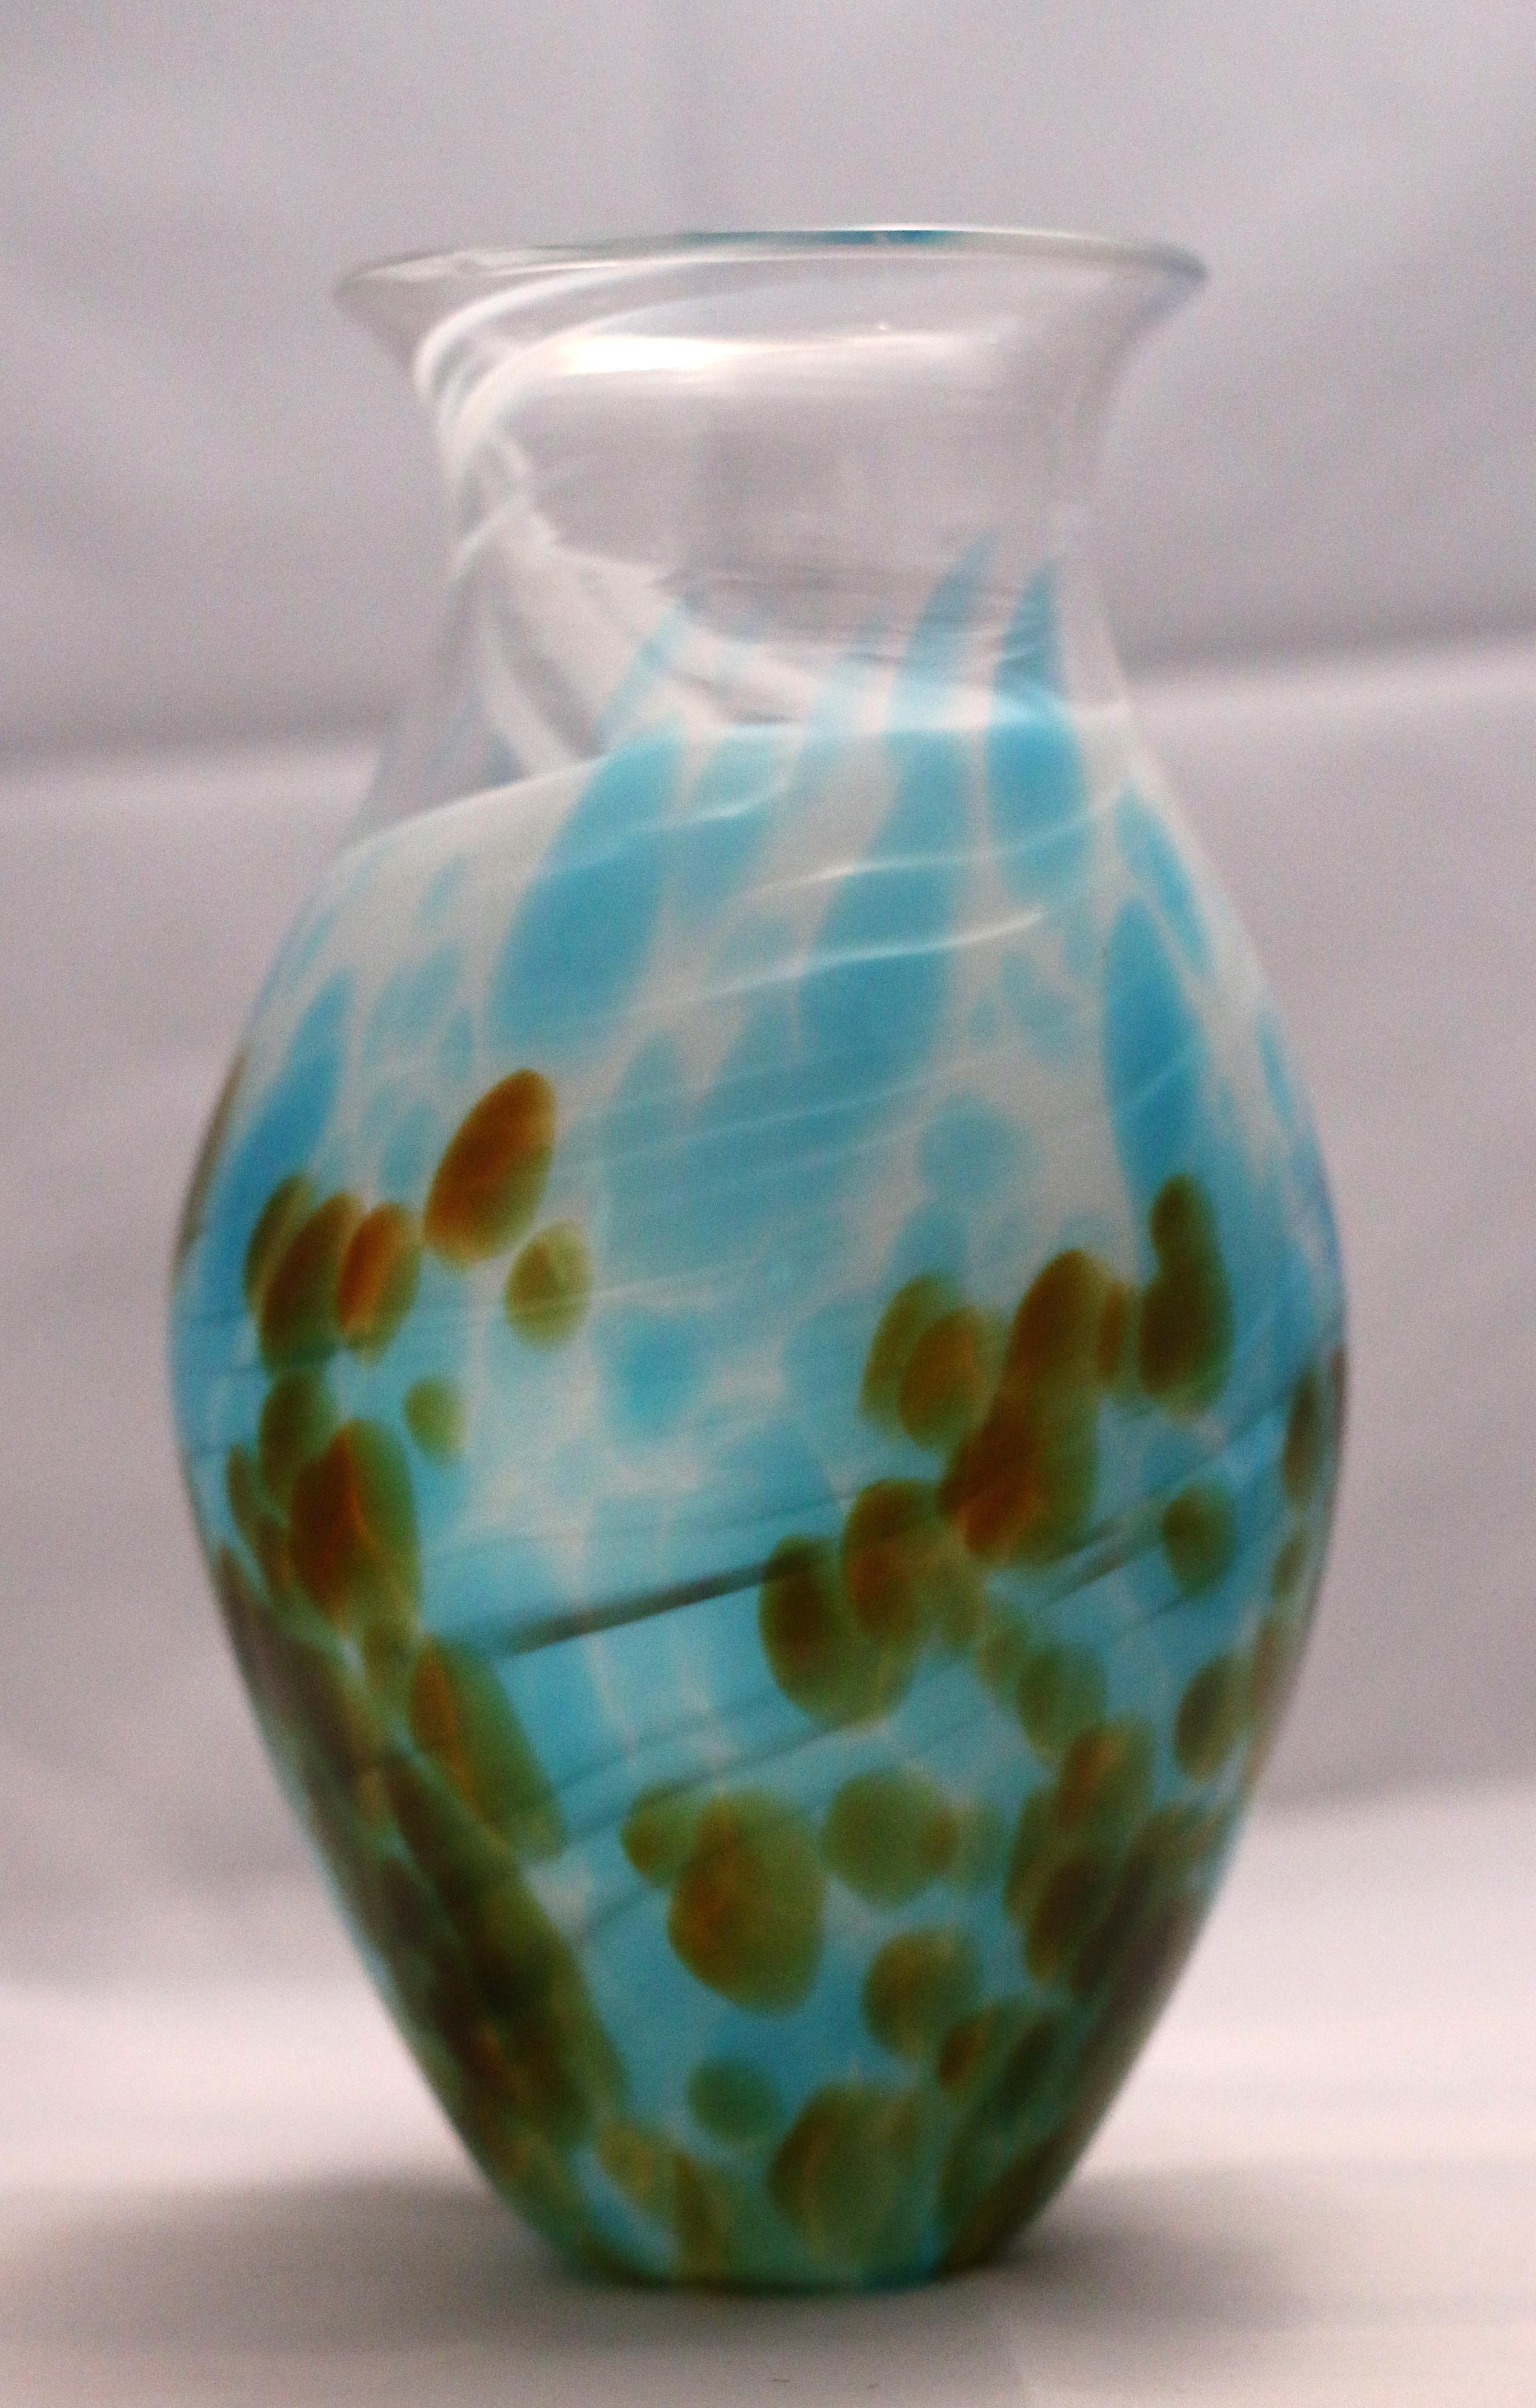 hand blown glass vases for sale of 22 hobnail glass vase the weekly world regarding white milk glass vases bulk glass designs